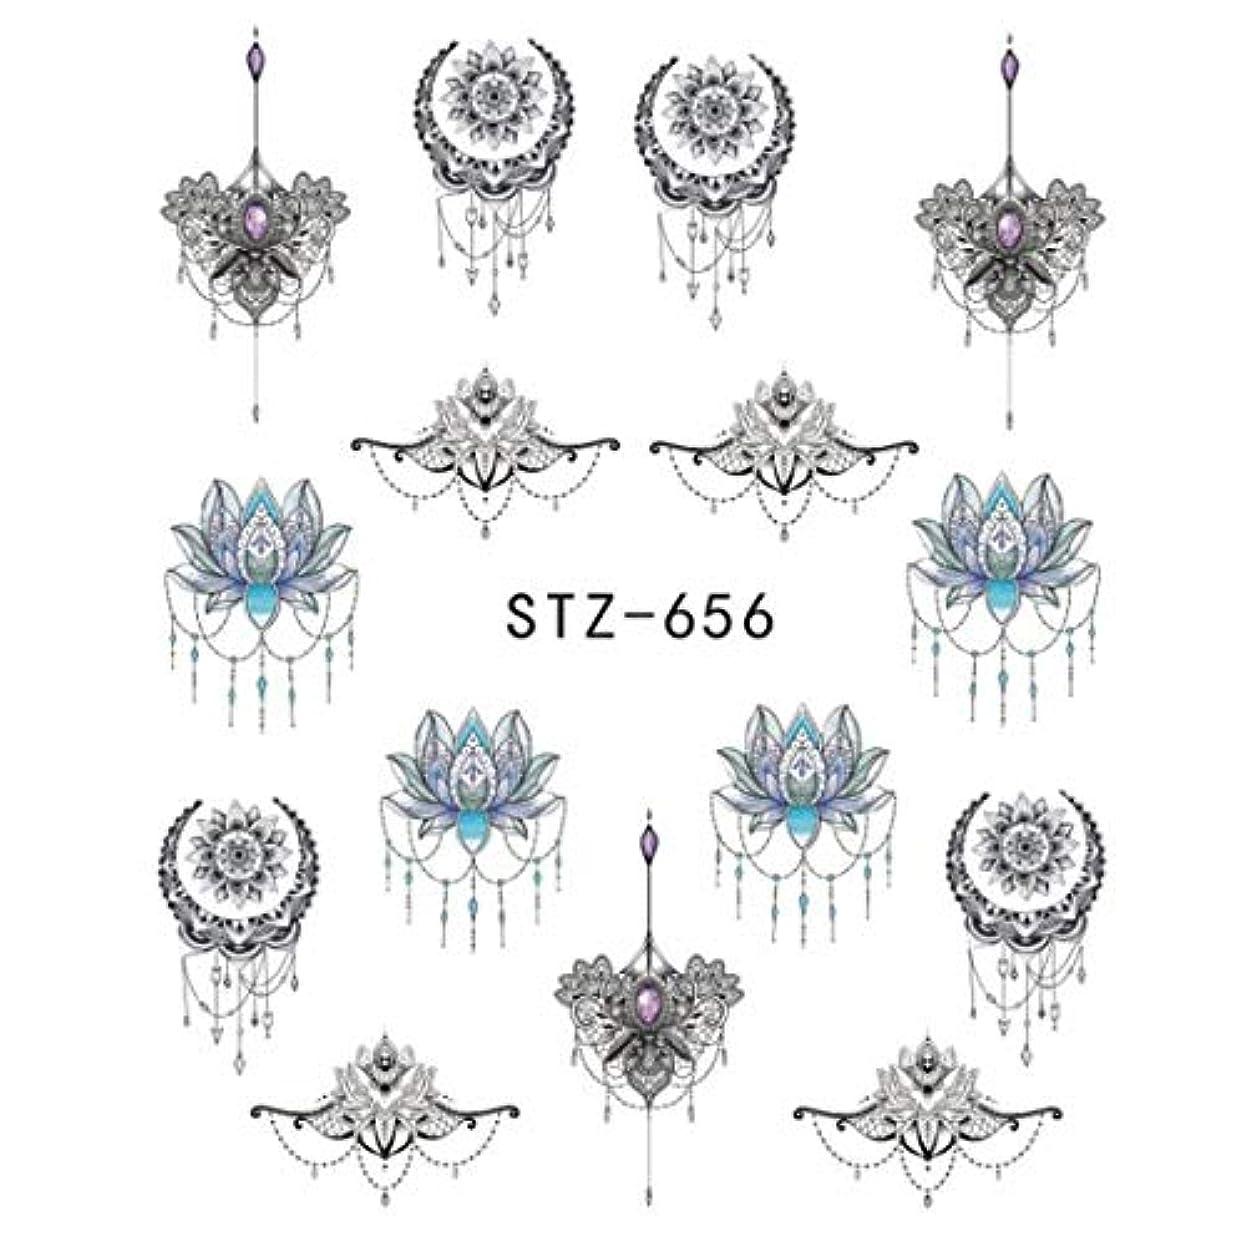 気取らない欲求不満SUKTI&XIAO ネイルステッカー 1ピースゴージャスネックレスブラックレッドブルーステッカーネイルアートタトゥー水爪デザインネイルステッカー、Stz656